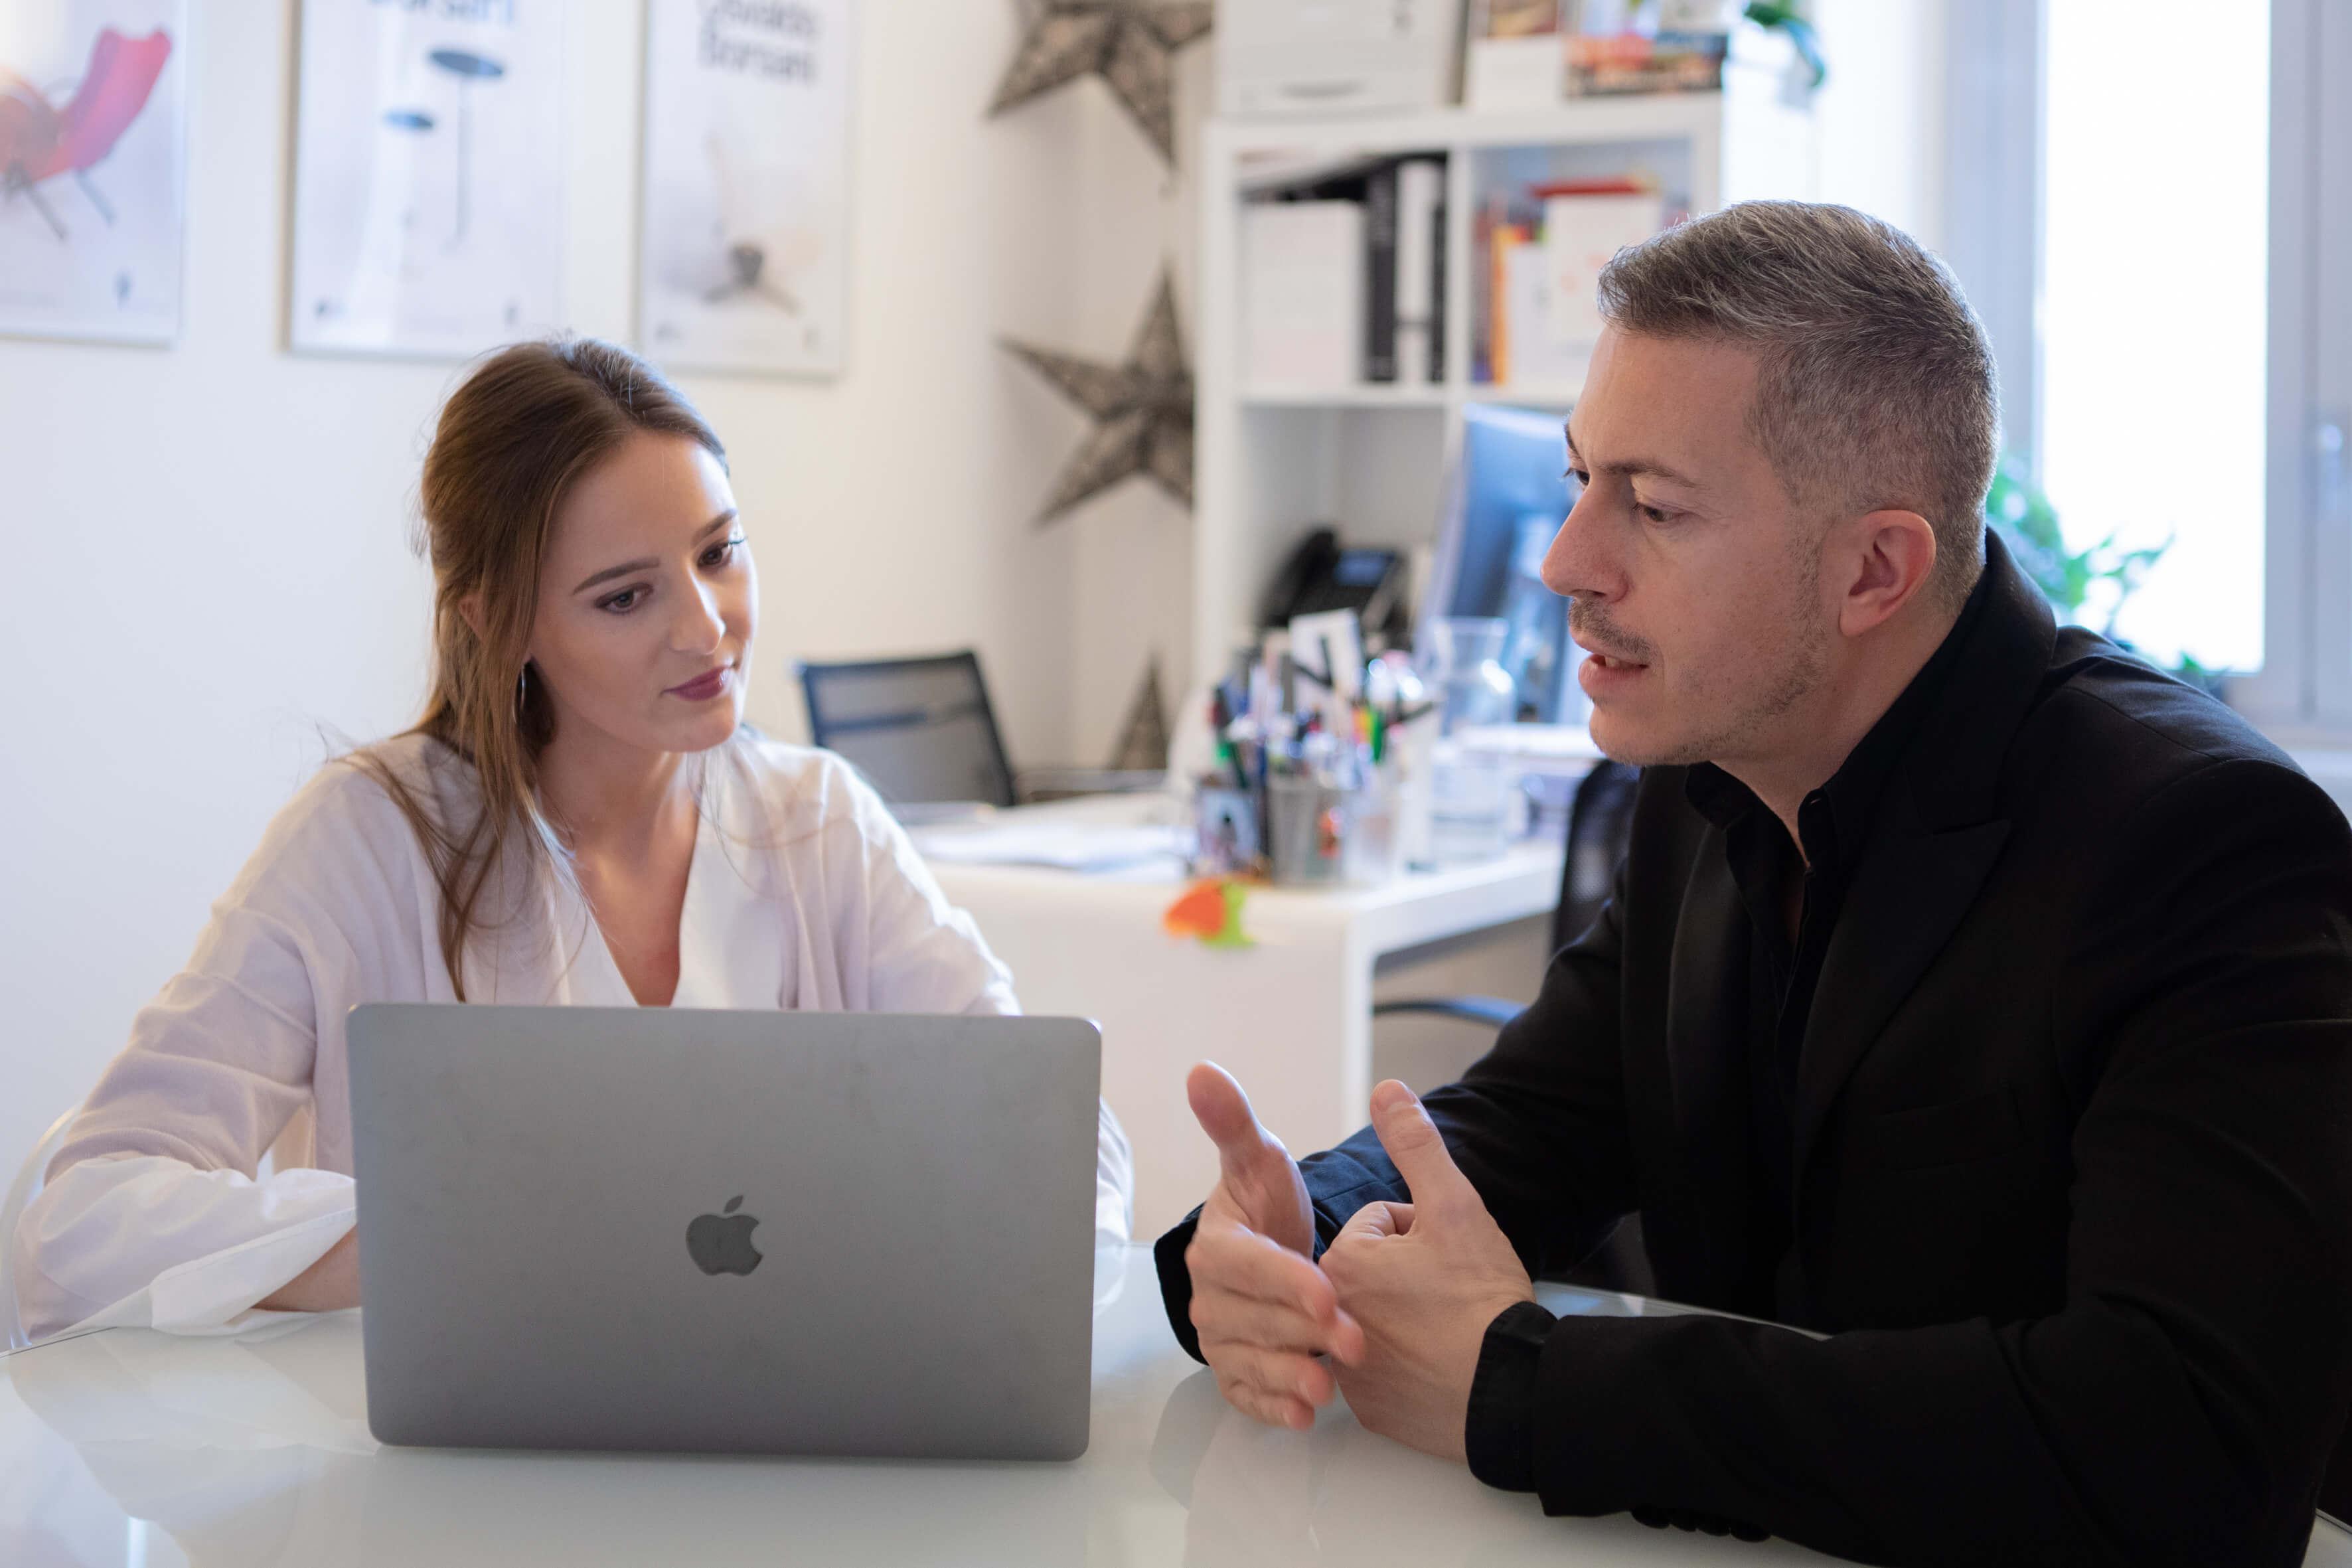 Università della Svizzera Italiana: Launchpad for advancing your marketing career